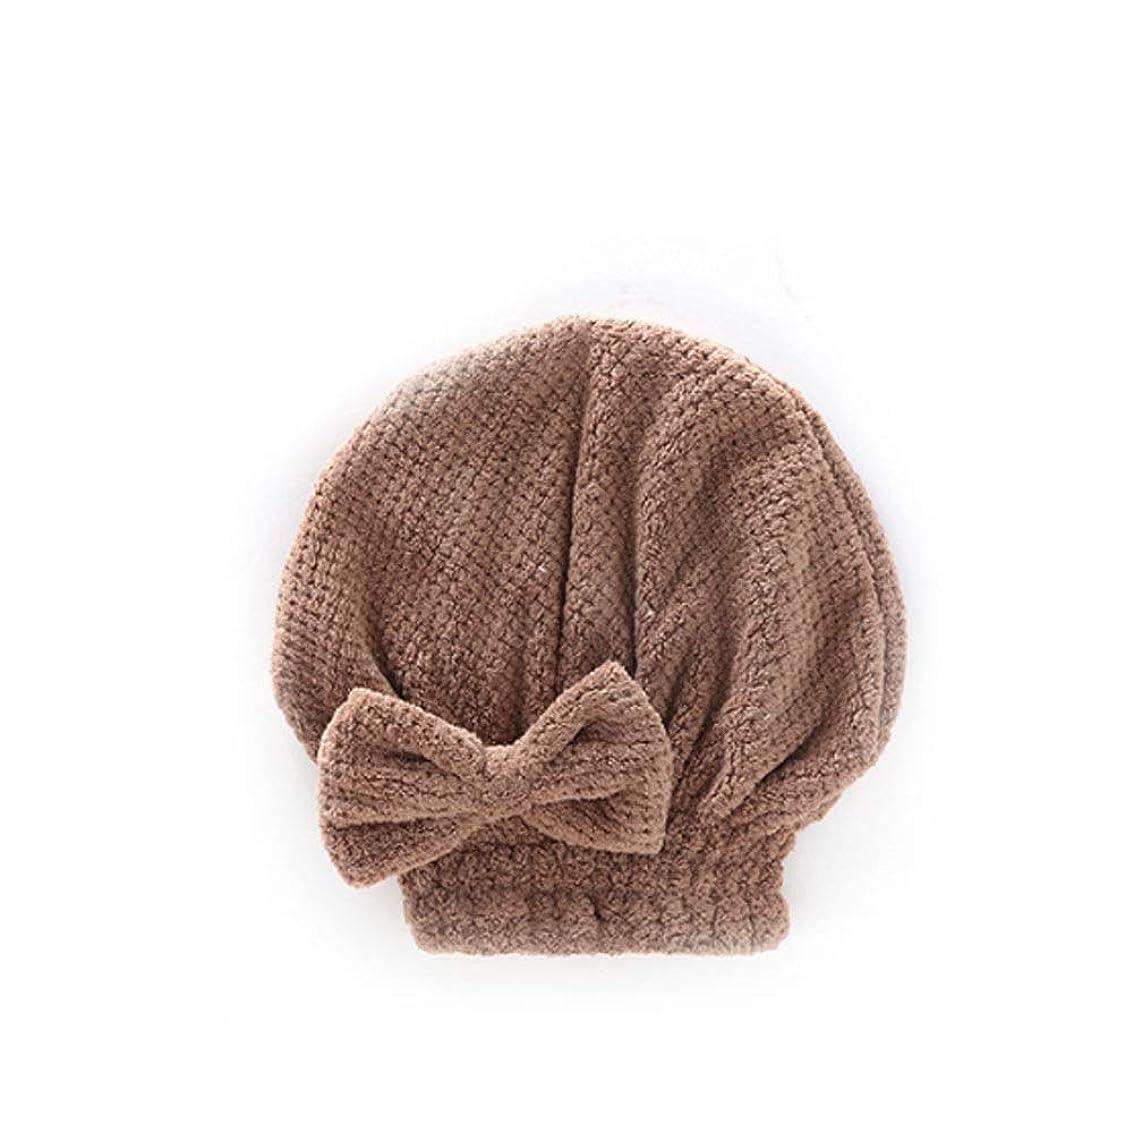 部ドリンク論理シャワーキャップ、婦人用ドライシャワーキャップデラックスシャワーキャップ、髪の毛の長さと太さ、再利用可能なシャワーキャップ。 (Color : Brown)